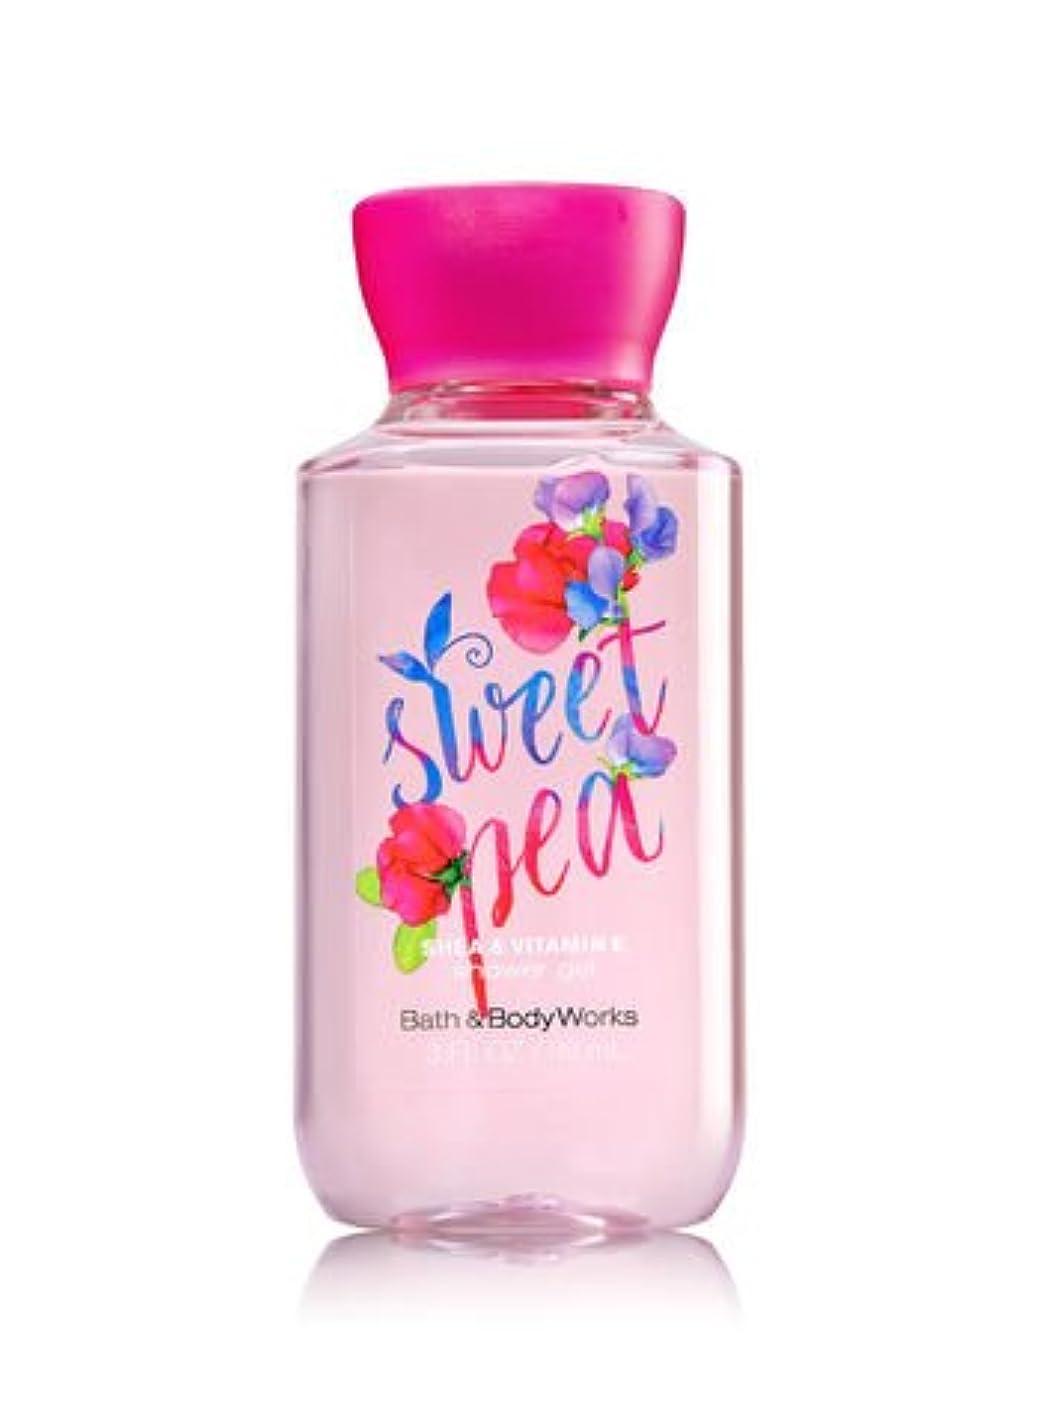 バス&ボディワークス スイトピーシャワージェル トラベルサイズ Sweet pea shower gel Travel-Size [並行輸入品]